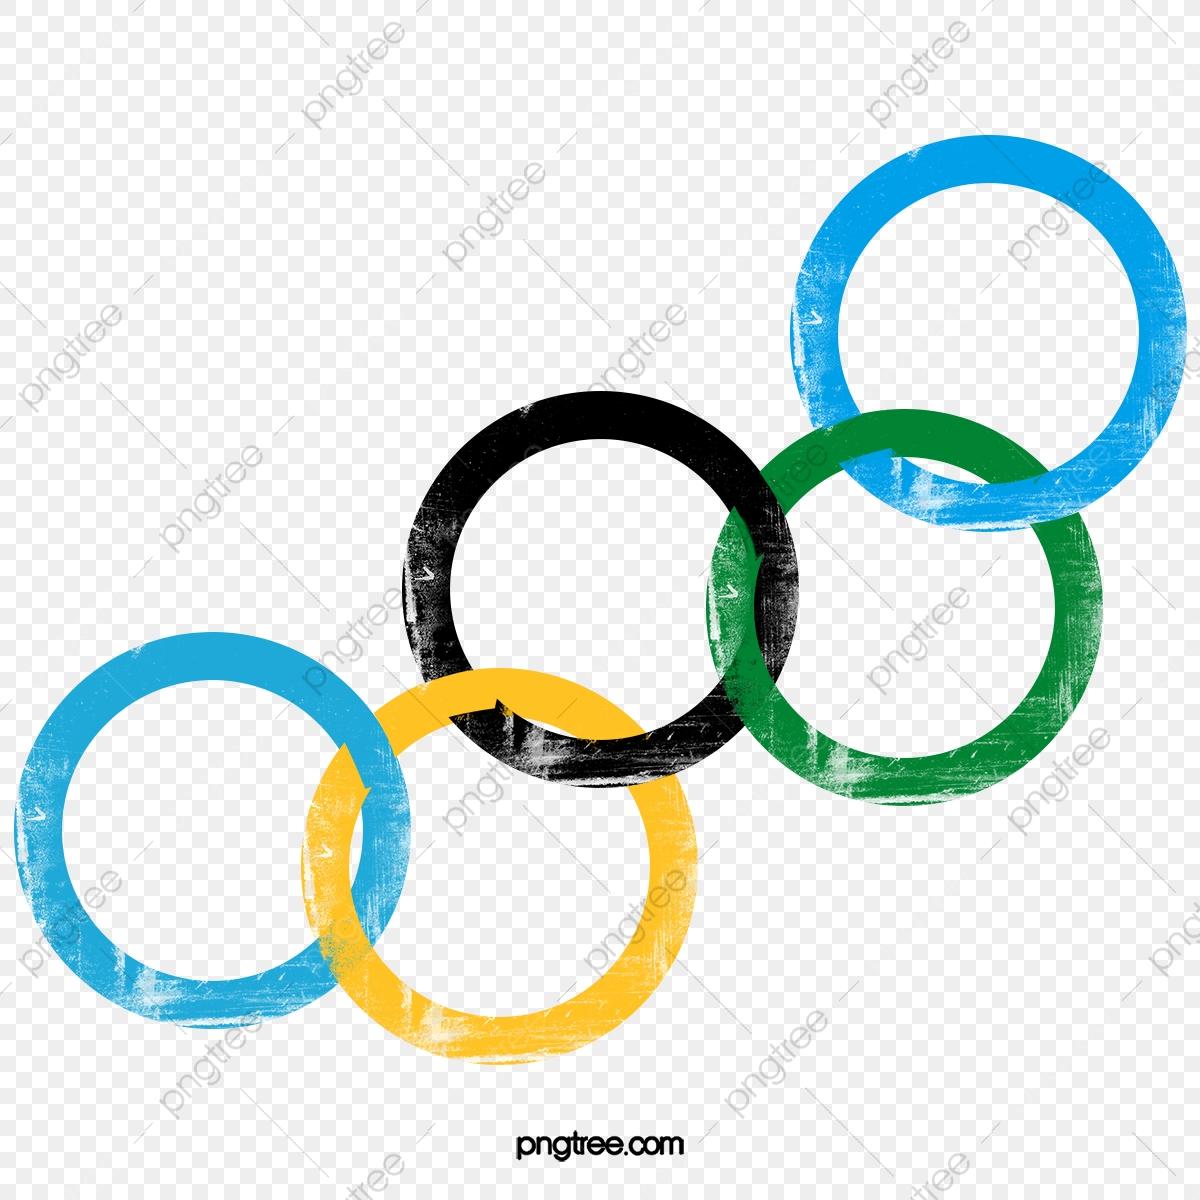 Aros Olímpicos Fuzzy Rastros, Juegos Olímpicos De 2016, Juegos.